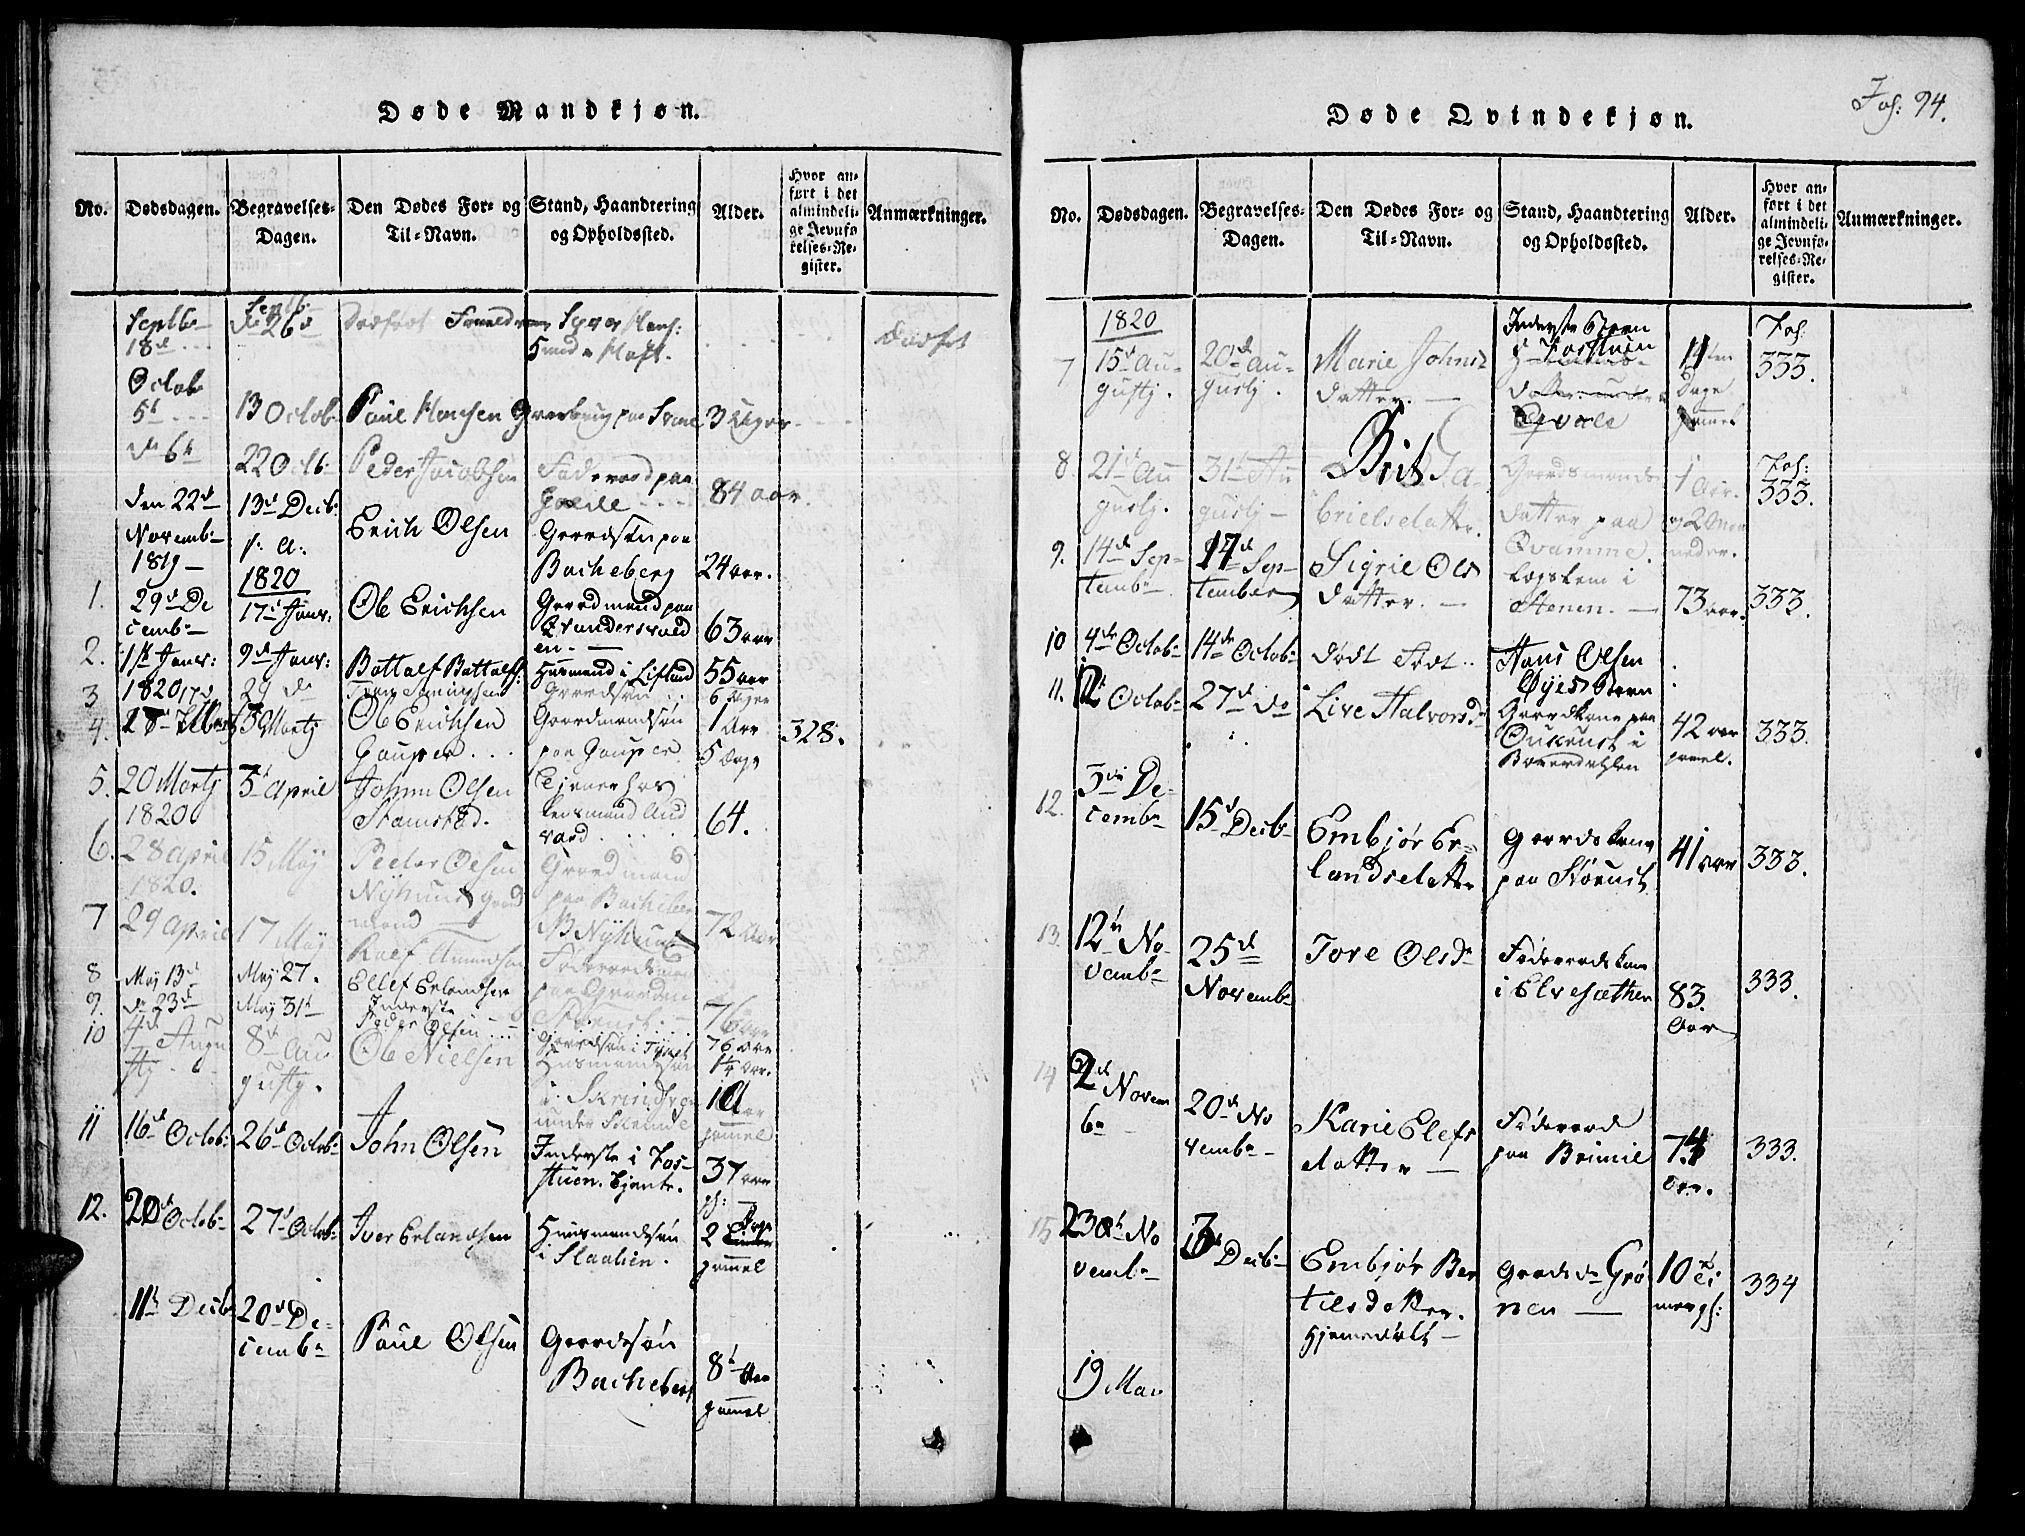 SAH, Lom prestekontor, L/L0001: Klokkerbok nr. 1, 1815-1836, s. 94